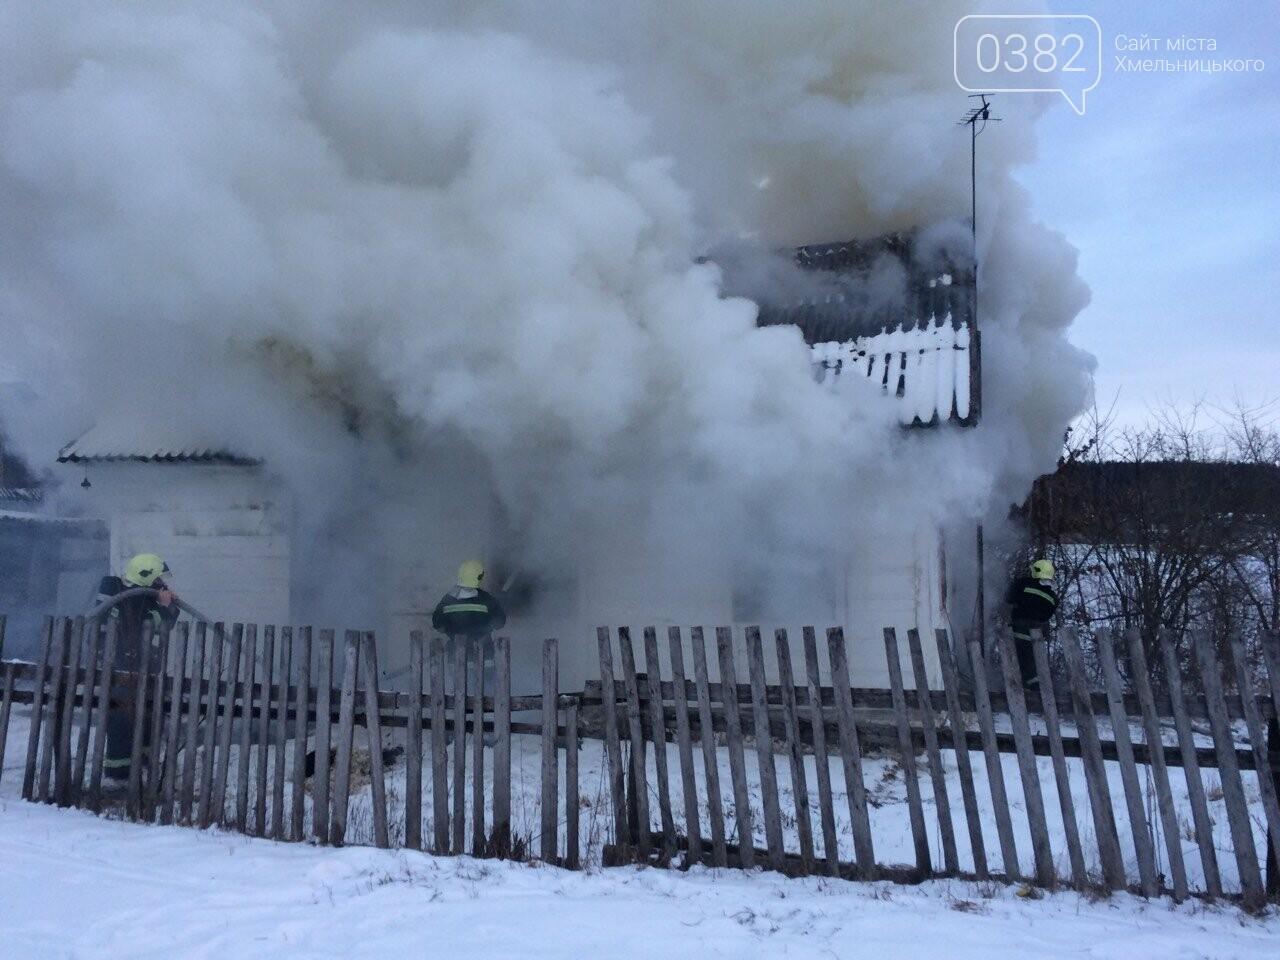 Трагедія на Хмельниччині: у власному будинку згоріла жінка. ФОТО, фото-3